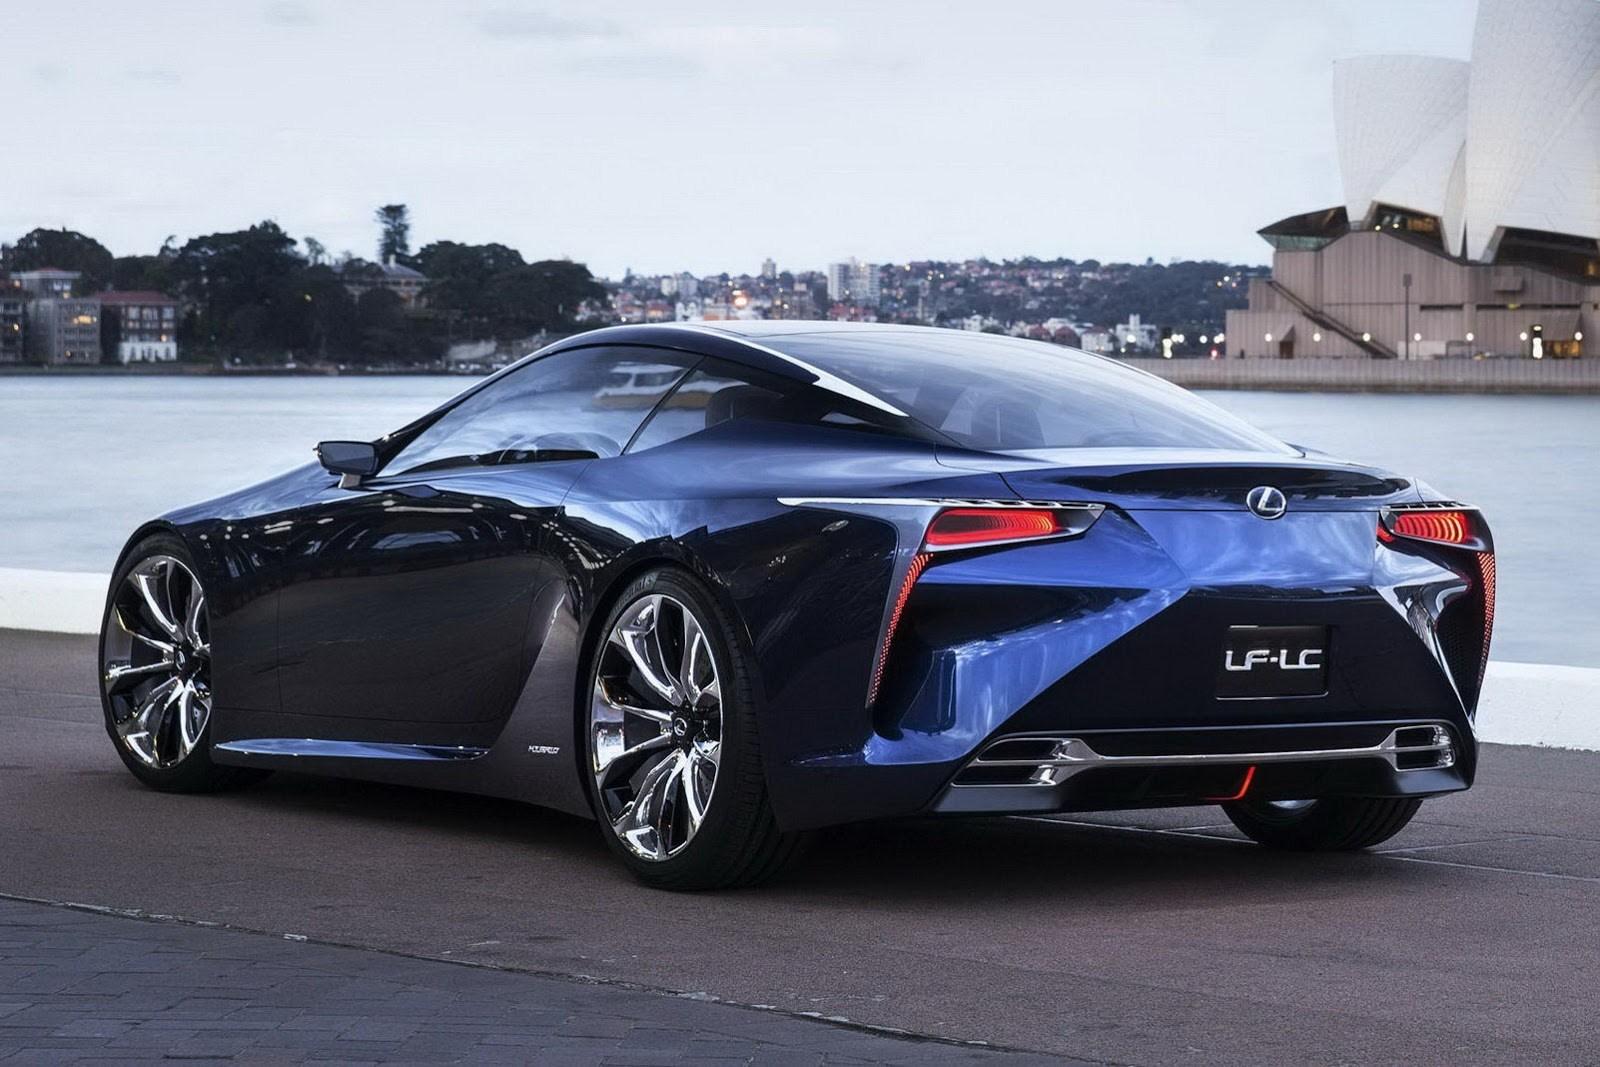 2015 Lexus Lf Lc Cars